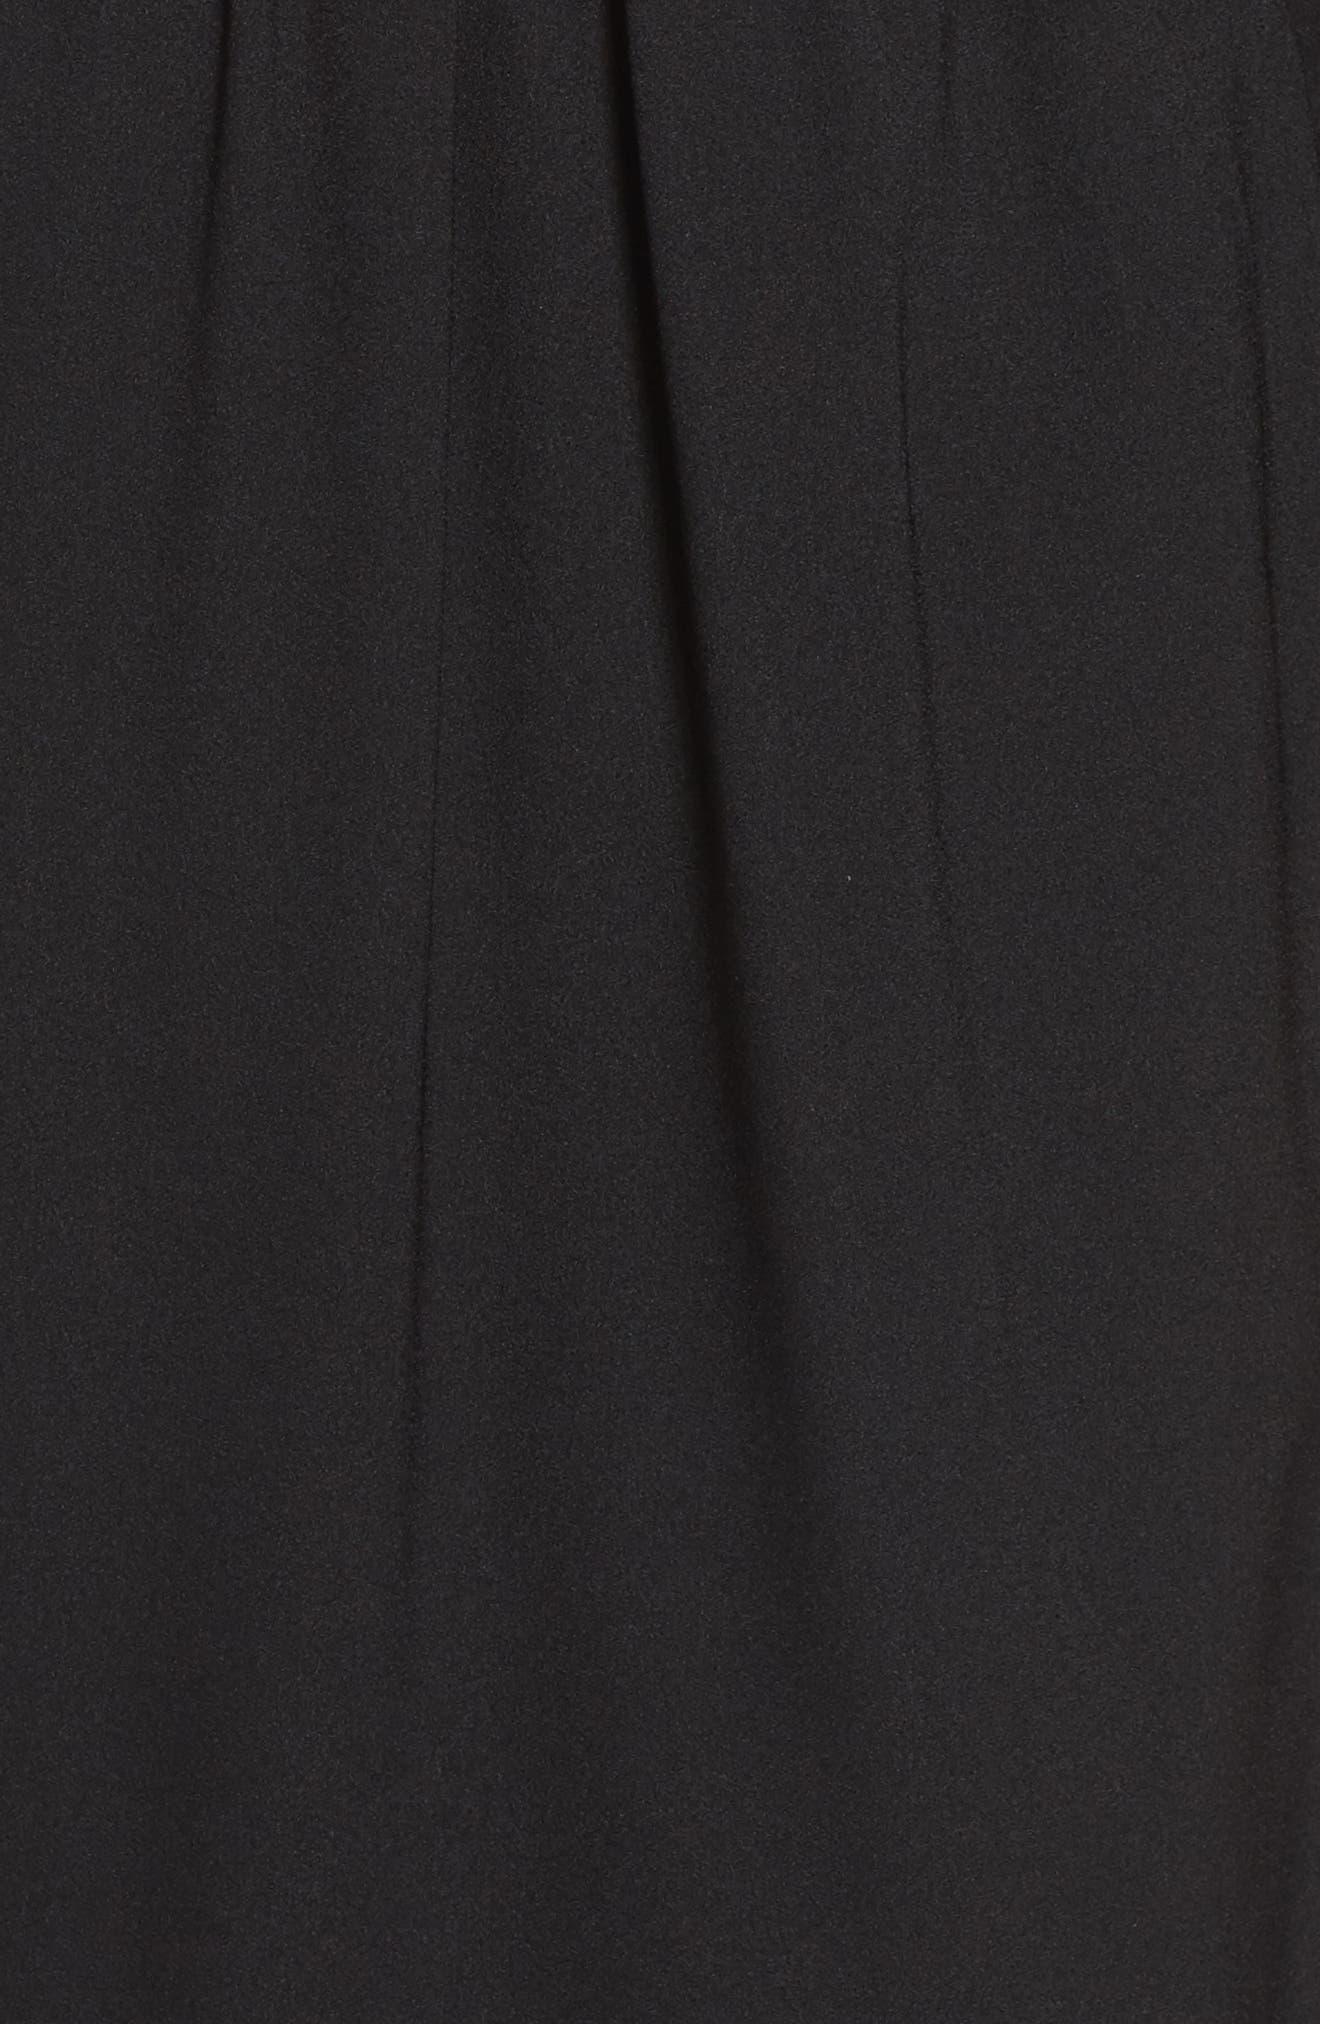 Cold Shoulder Dress,                             Alternate thumbnail 5, color,                             001